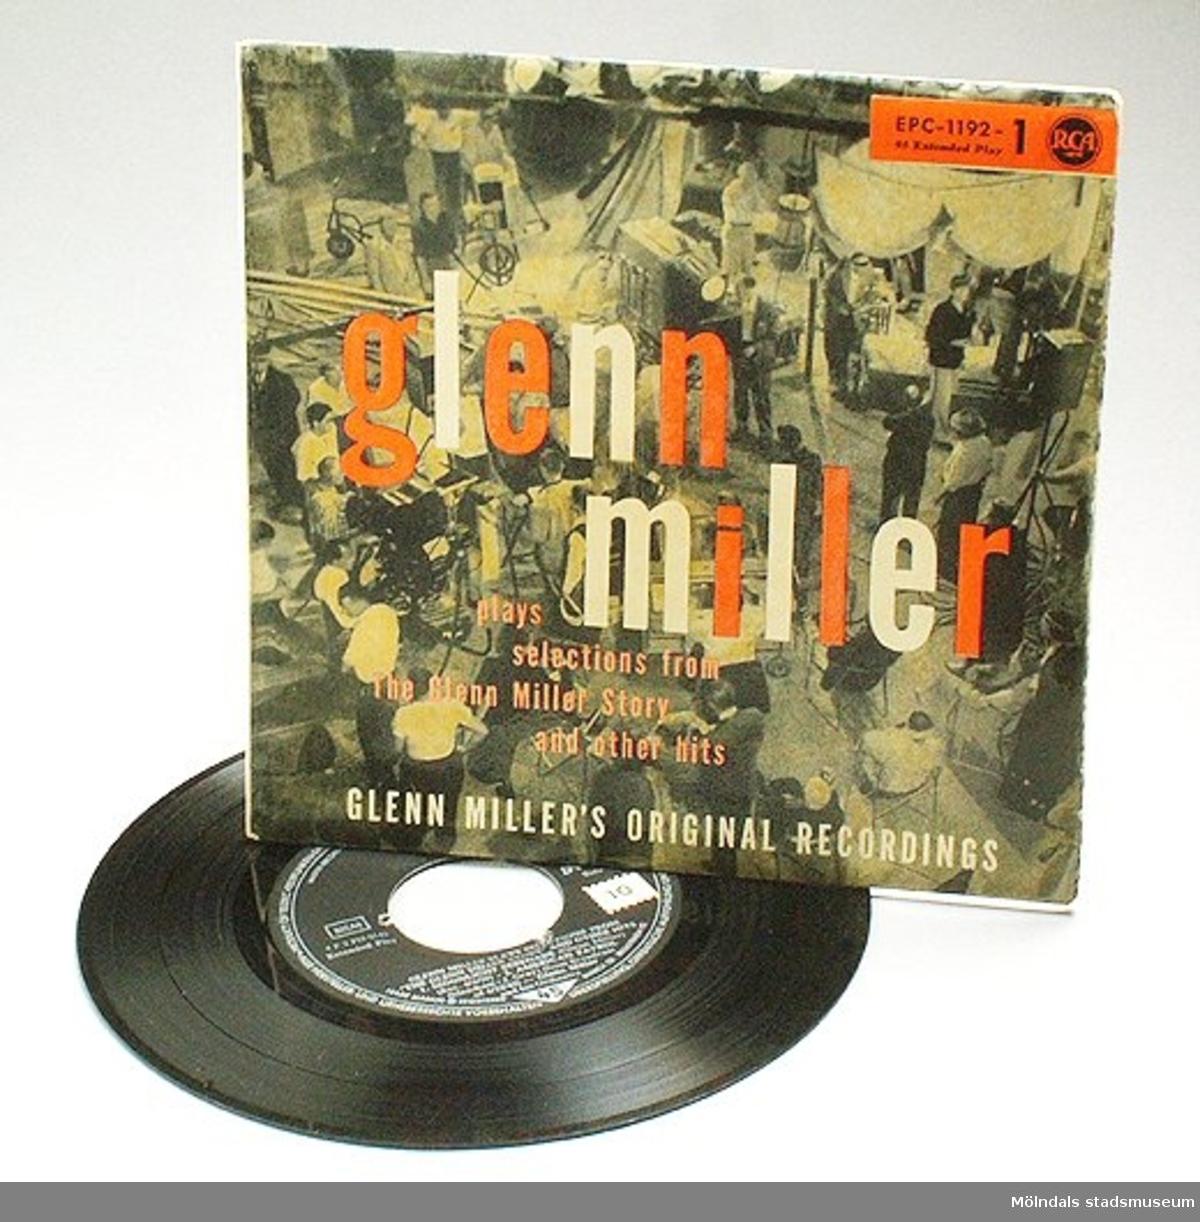 """EP-skiva Glenn Miller plays selections from """"The Glenn Miller story"""" and other hits.Skivomslag (:2) med en filminspelningsbild i svartvitt."""